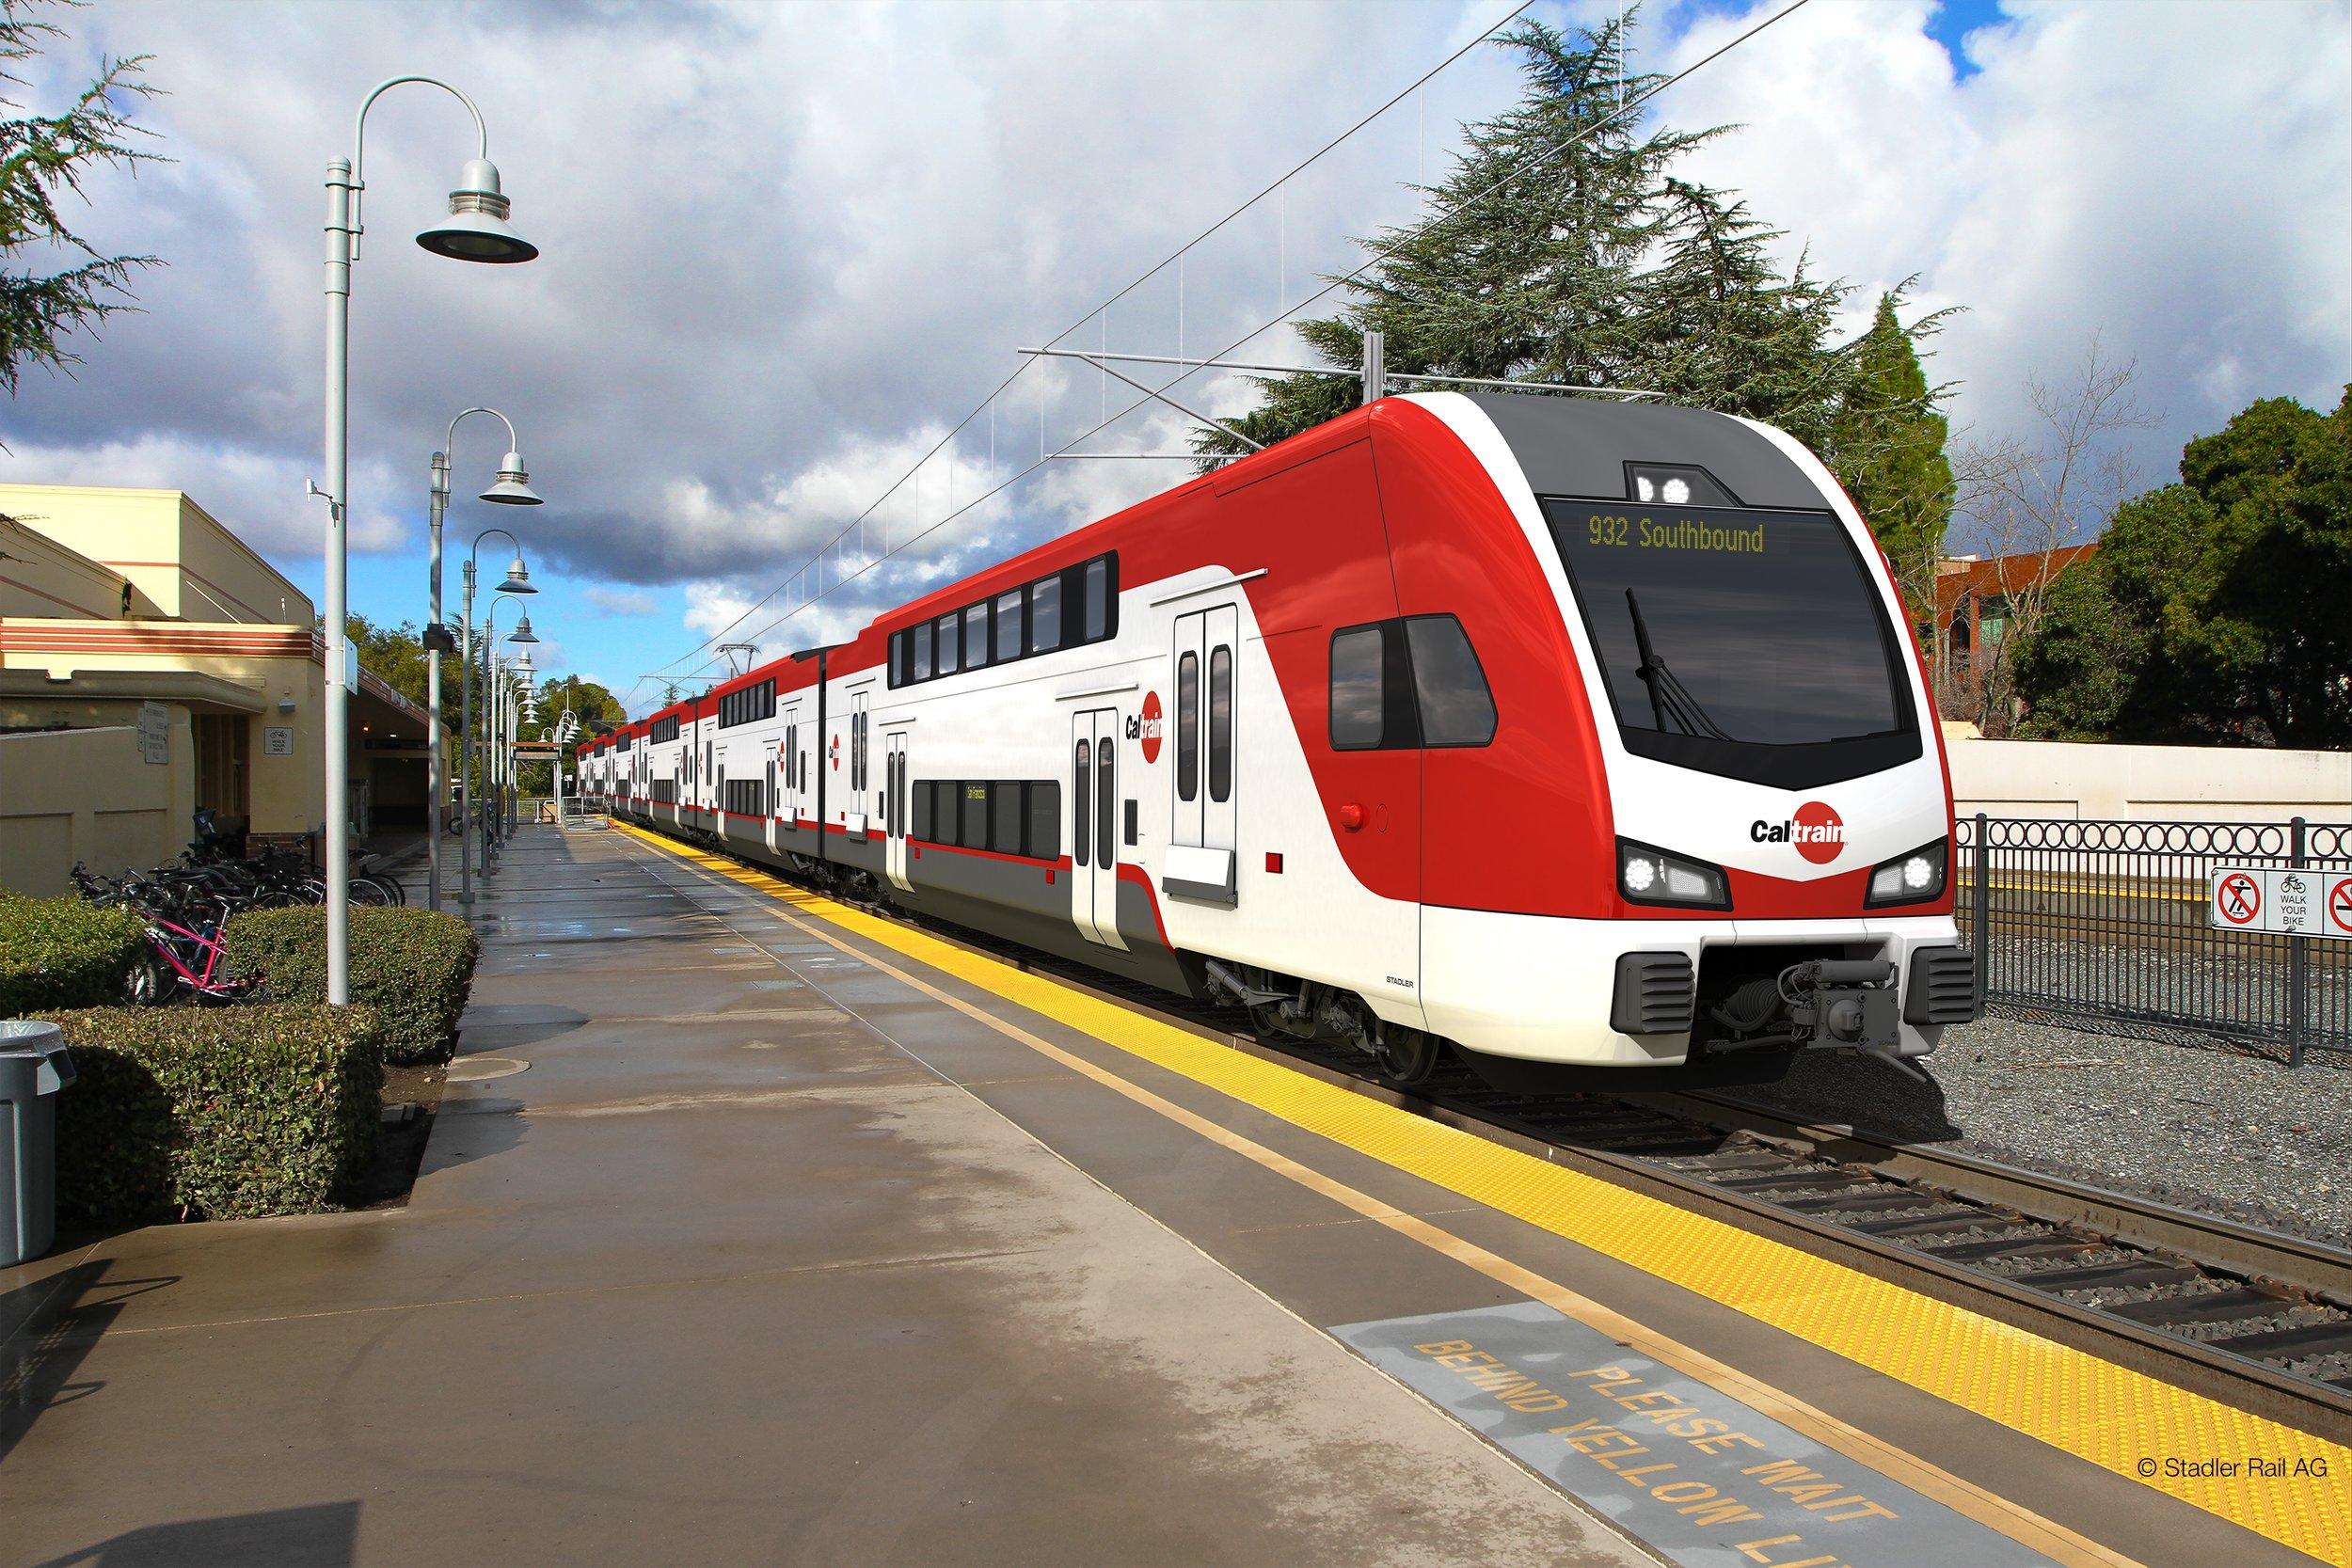 Photo: Caltrain - Rendering Stadler Rail AG Credit: Stadler Rail AG